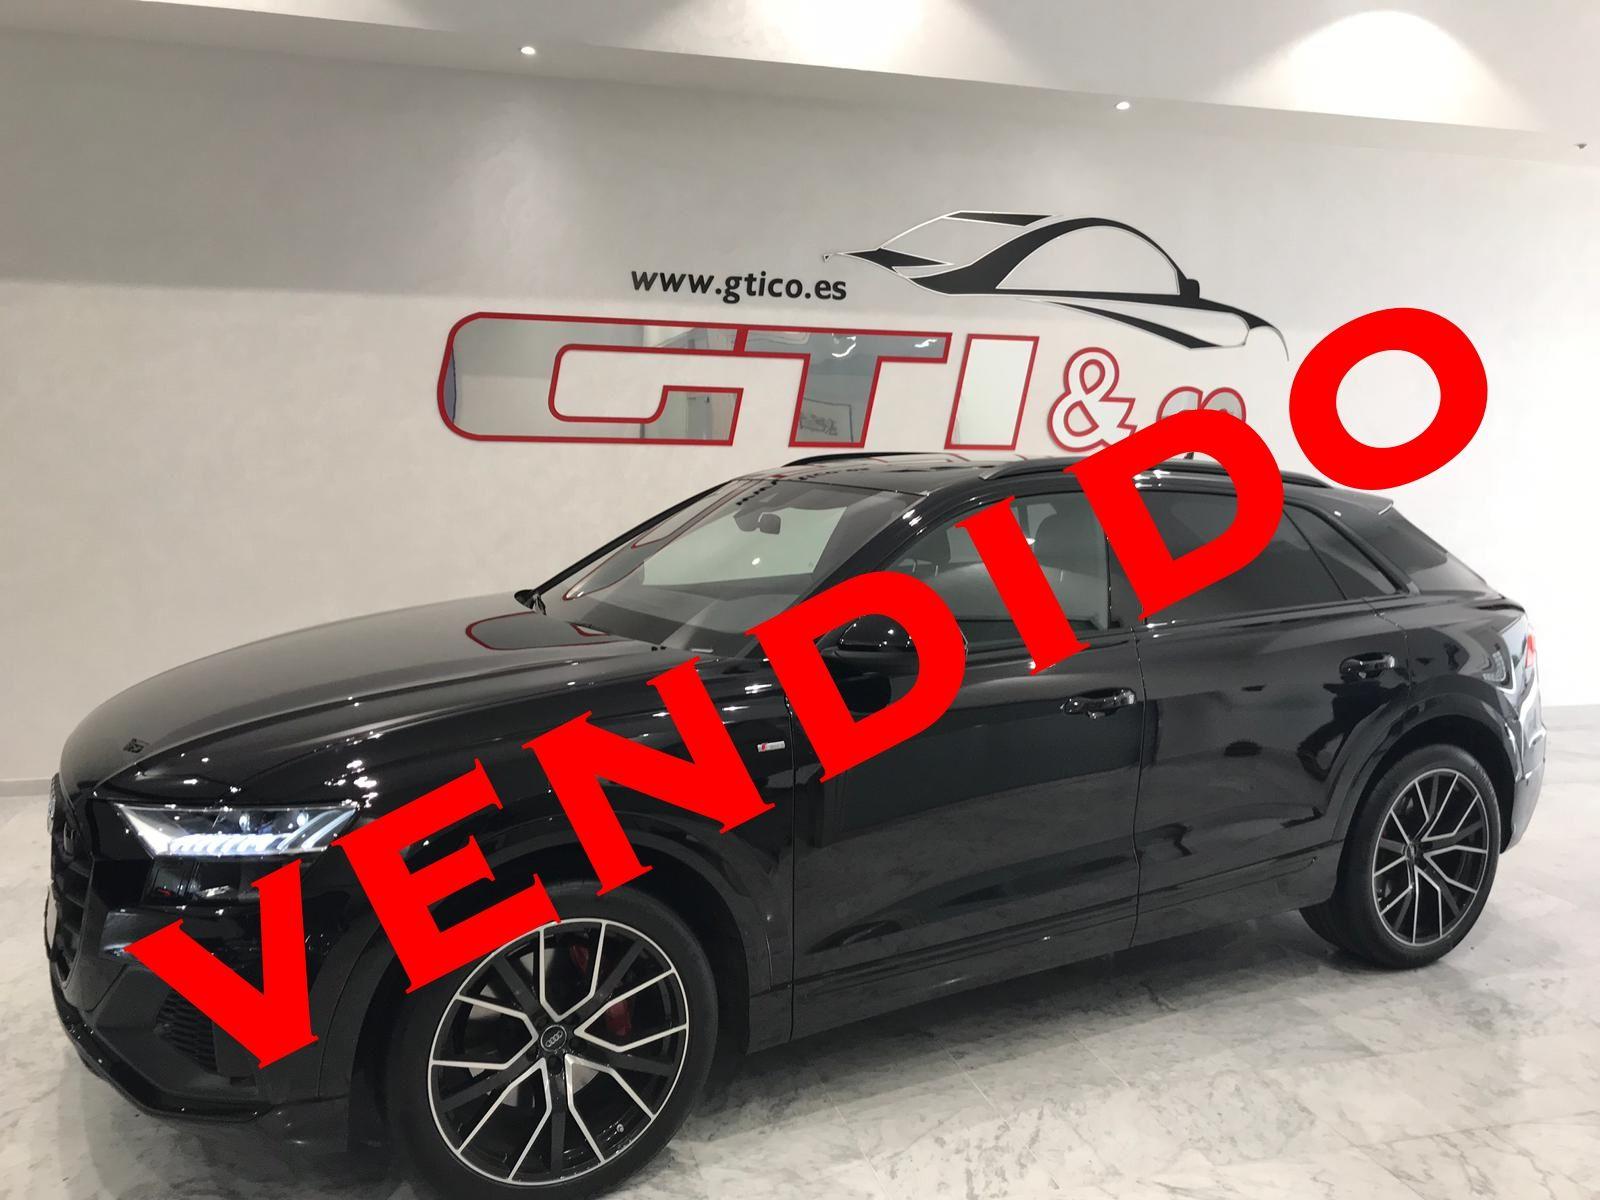 Audi Q8 50 Tdi Quattro Tiptronic Gti Co